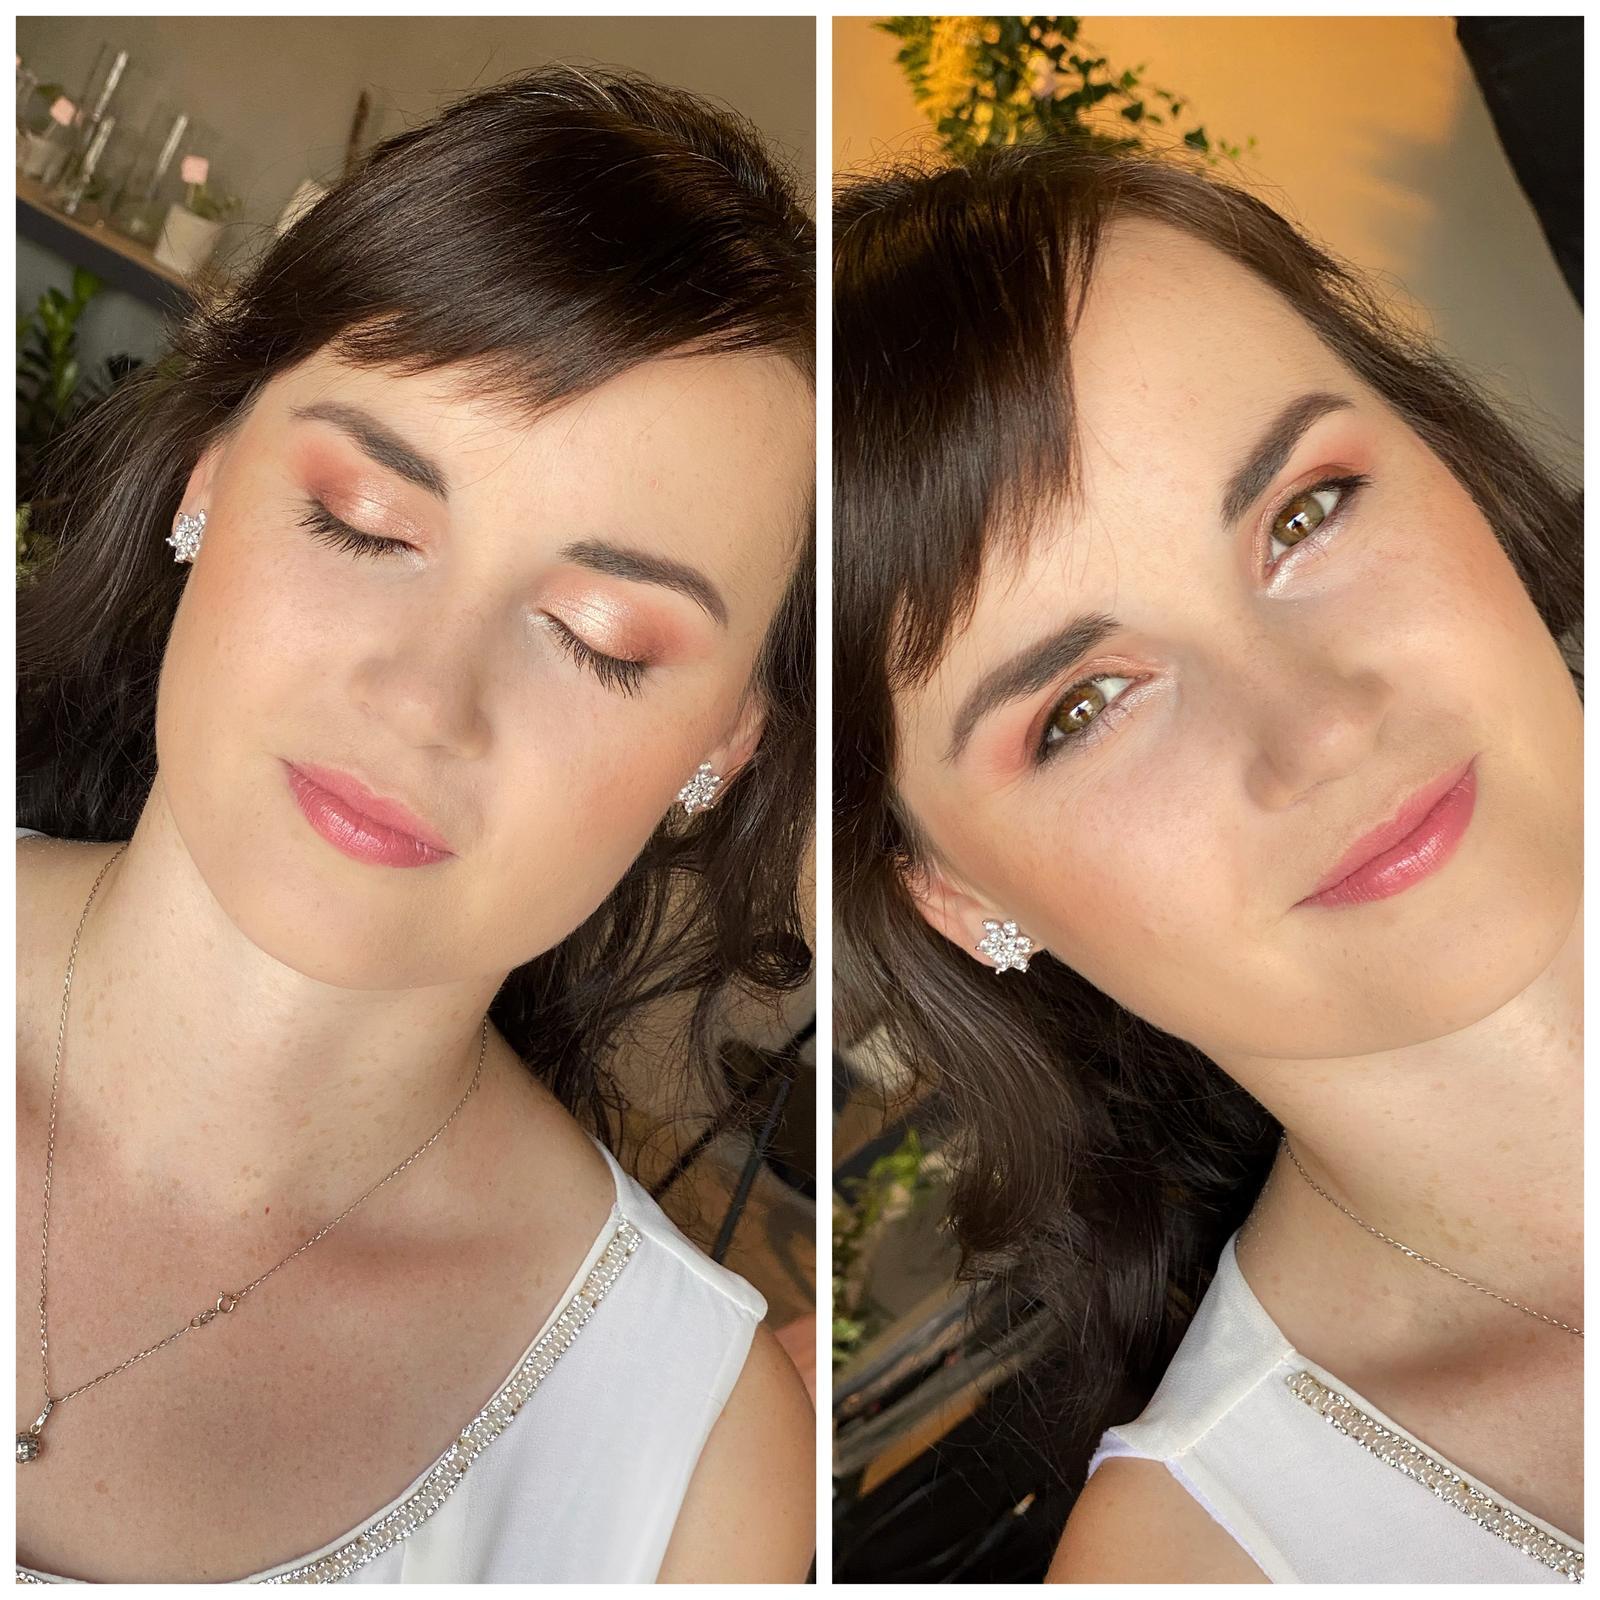 Makeup & hair 2020 - Makeup pro družicku🌱. Svěží se spodní stříbrnou linkou,která je zajímavým detailem na fotce💋